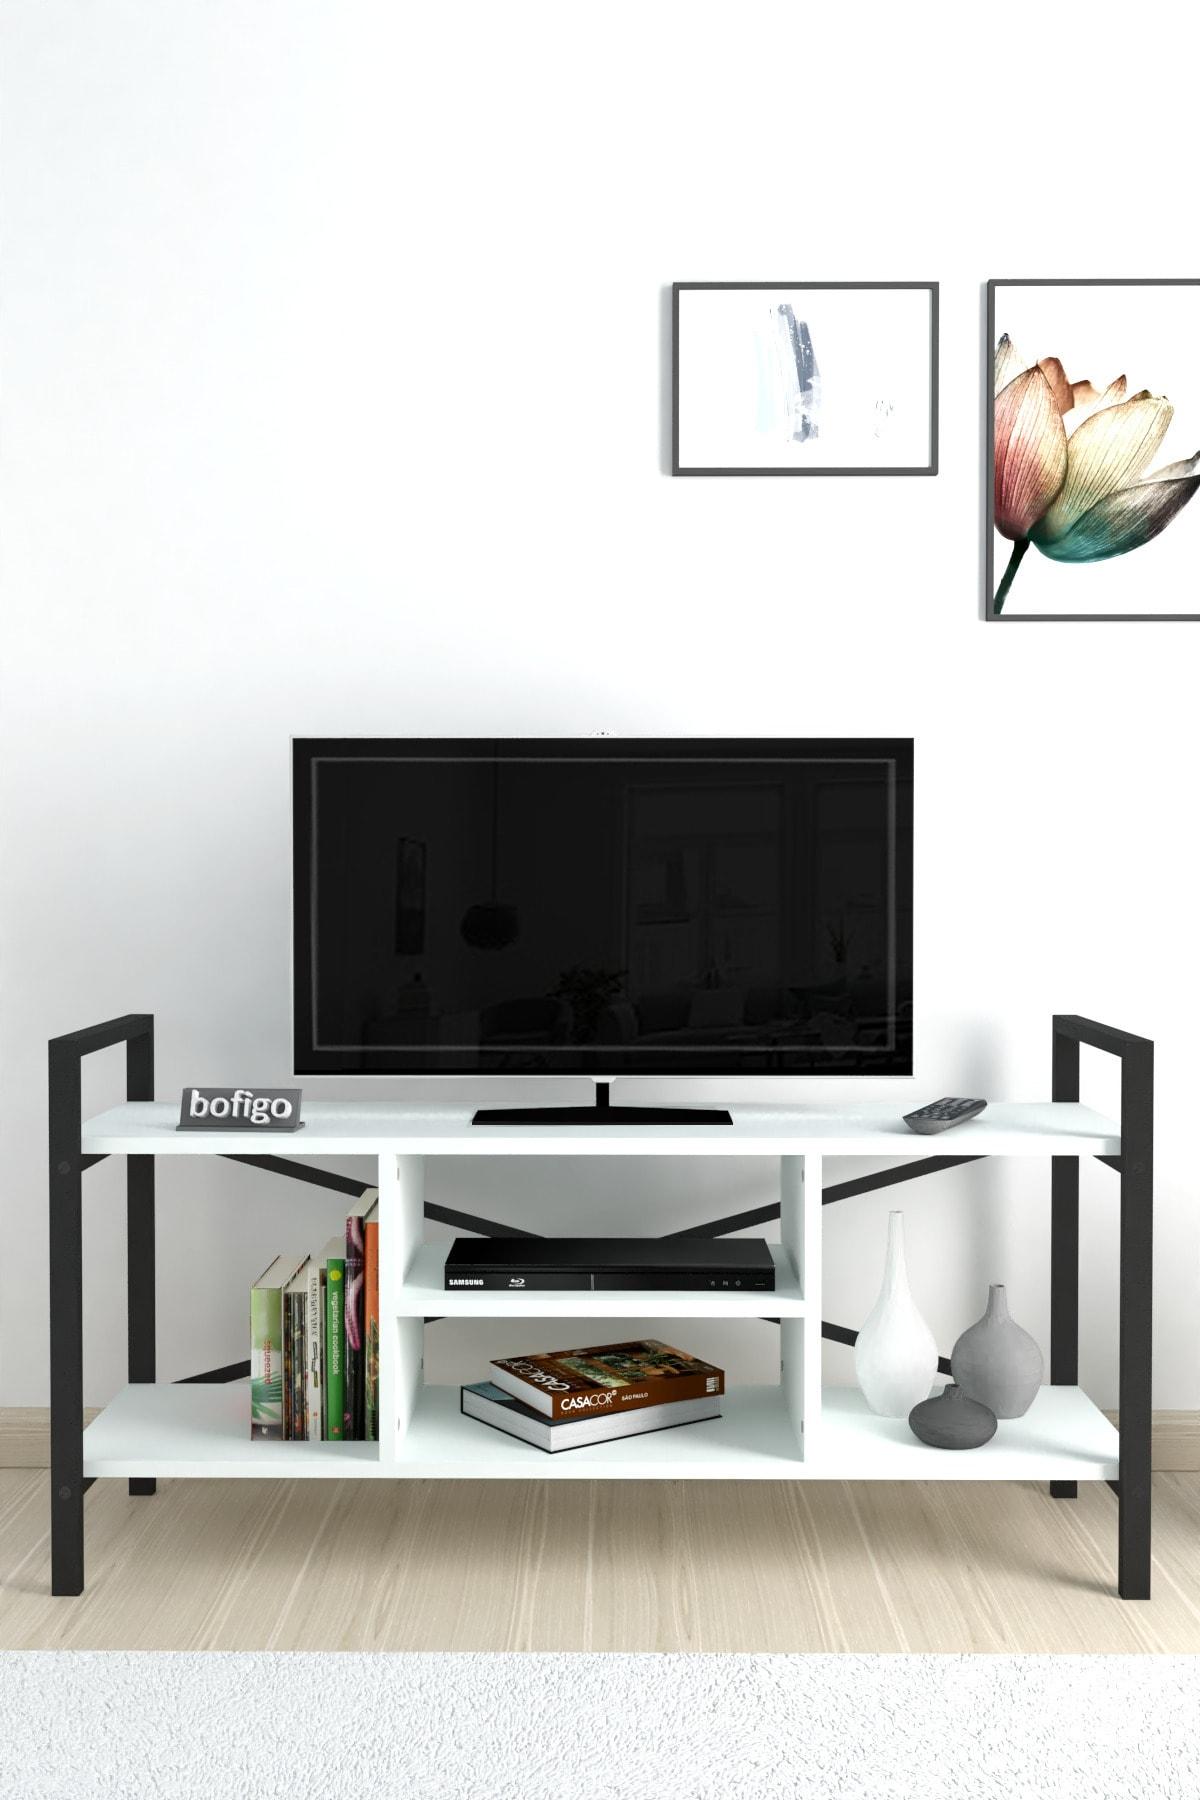 Bofigo Tv Sehpası Raflı Tv Ünitesi Televizyon Sehpası Beyaz 1